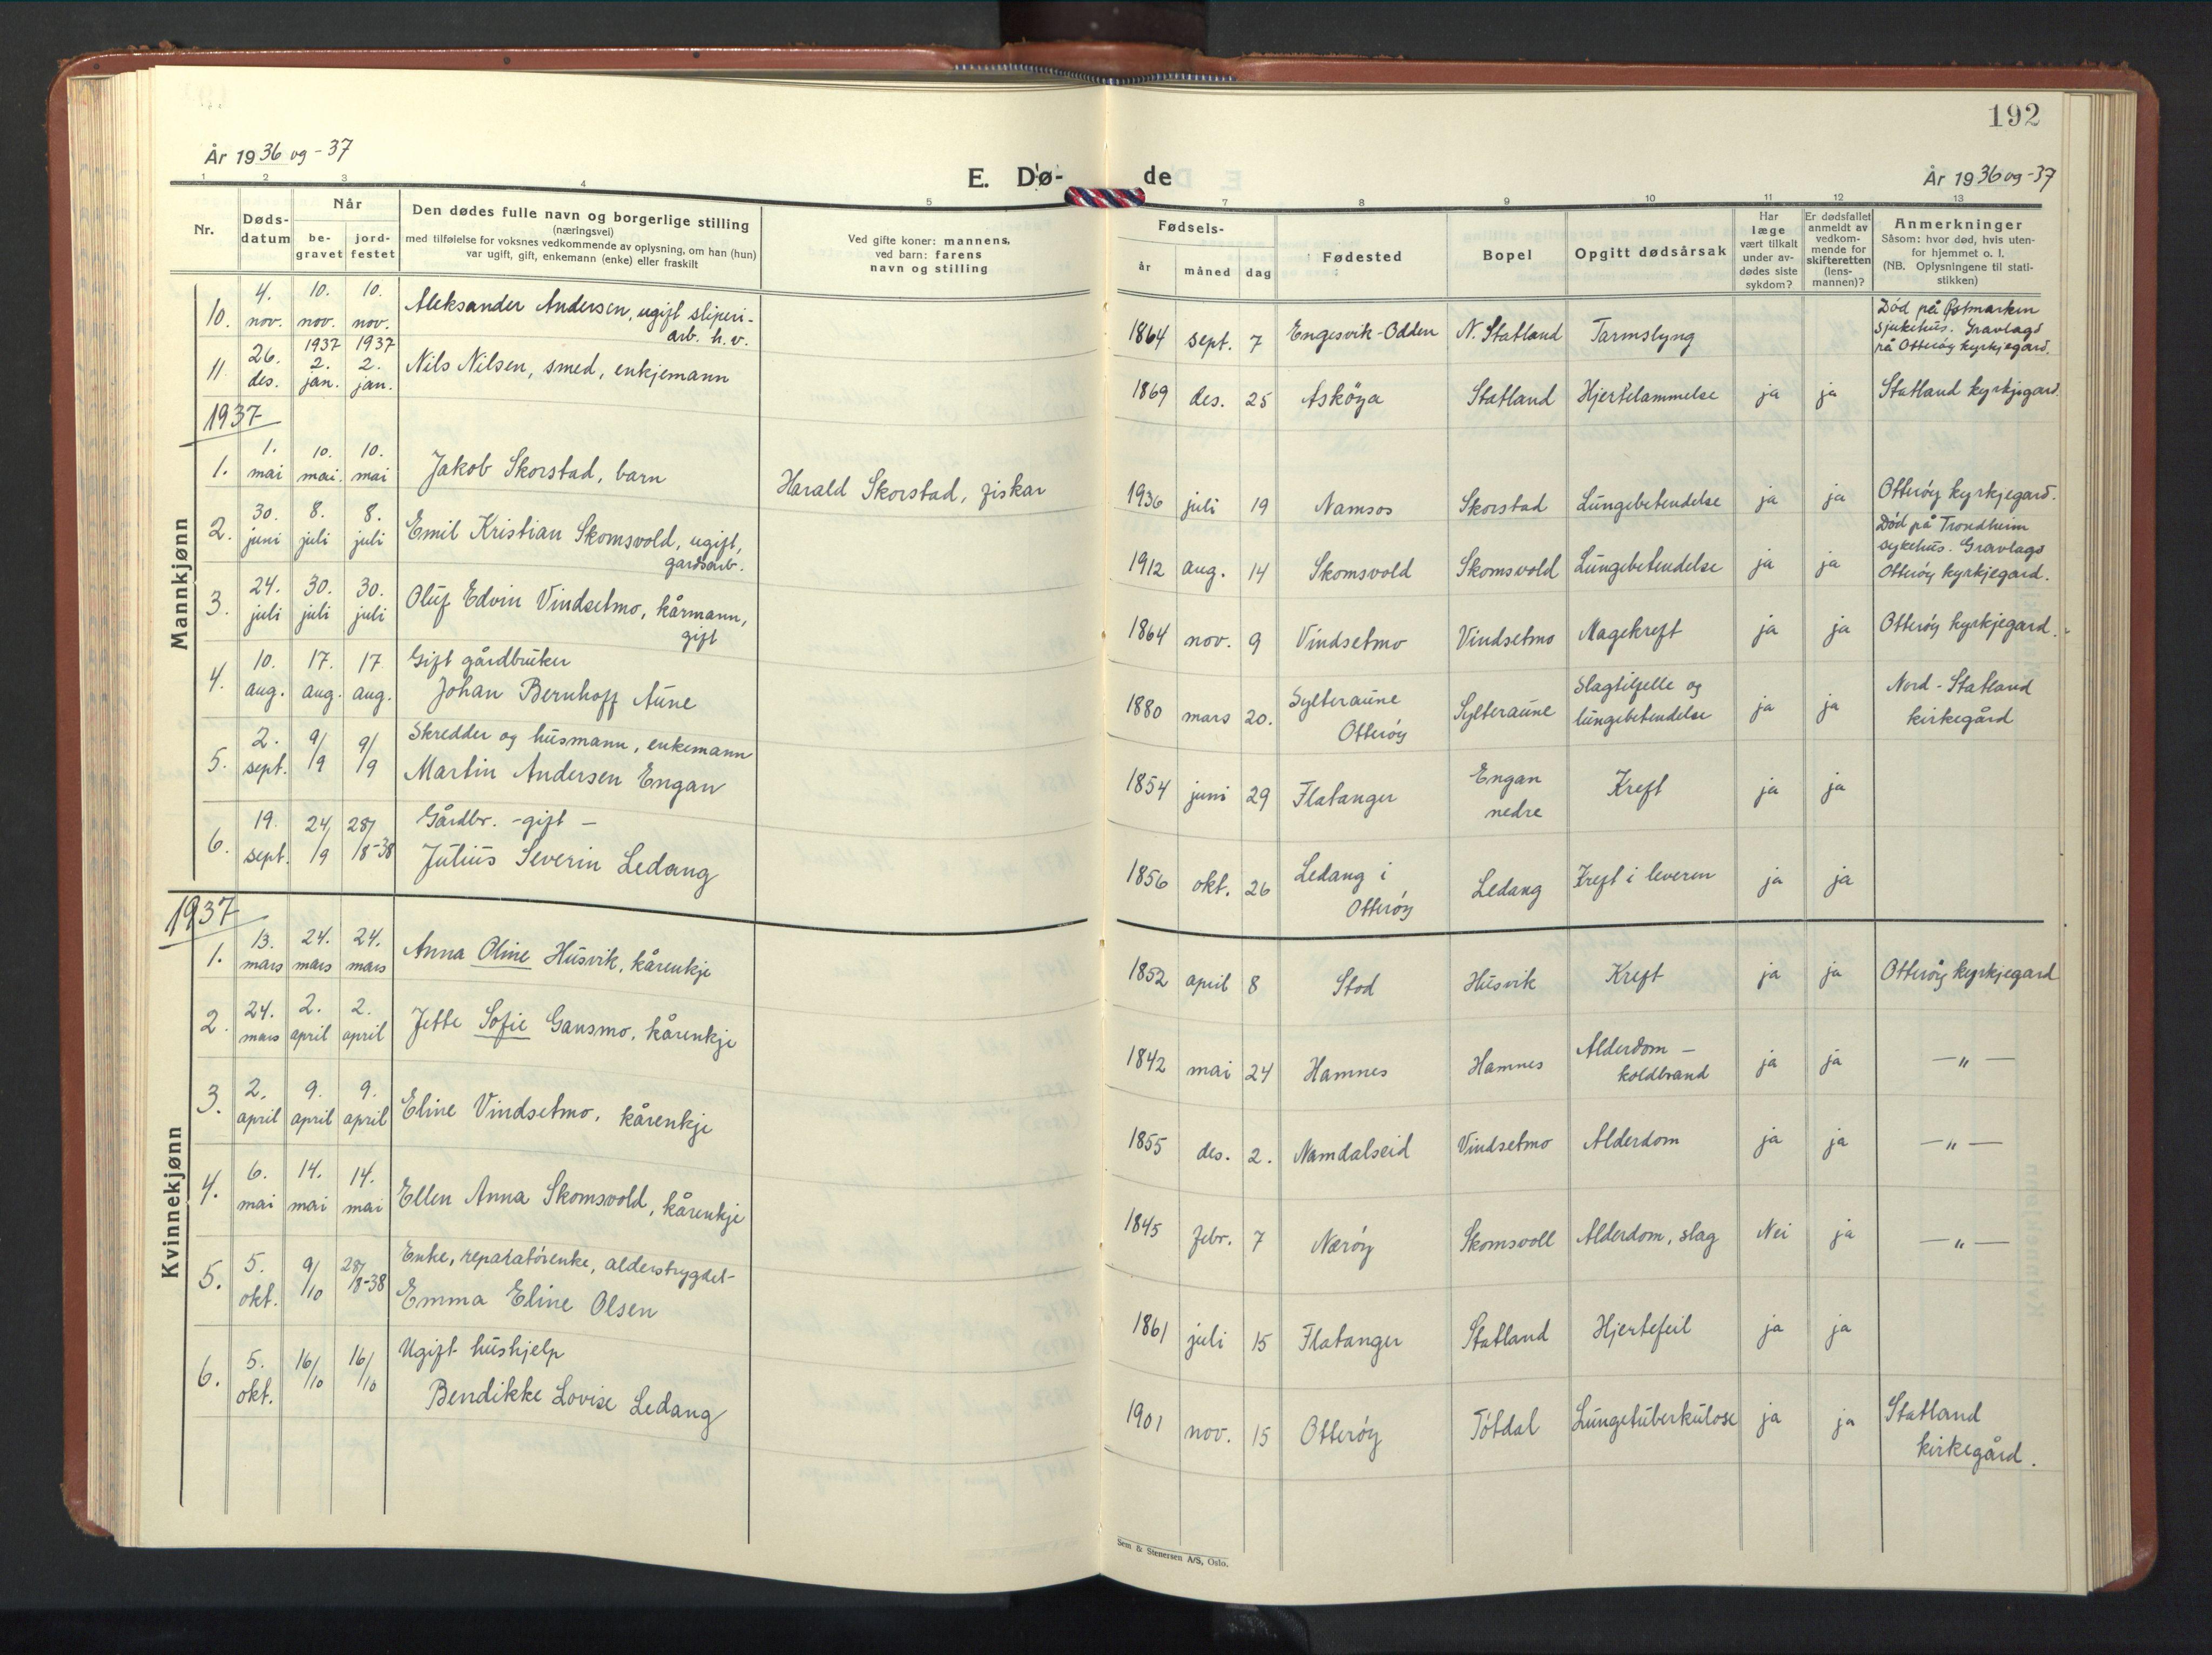 SAT, Ministerialprotokoller, klokkerbøker og fødselsregistre - Nord-Trøndelag, 774/L0631: Klokkerbok nr. 774C02, 1934-1950, s. 192